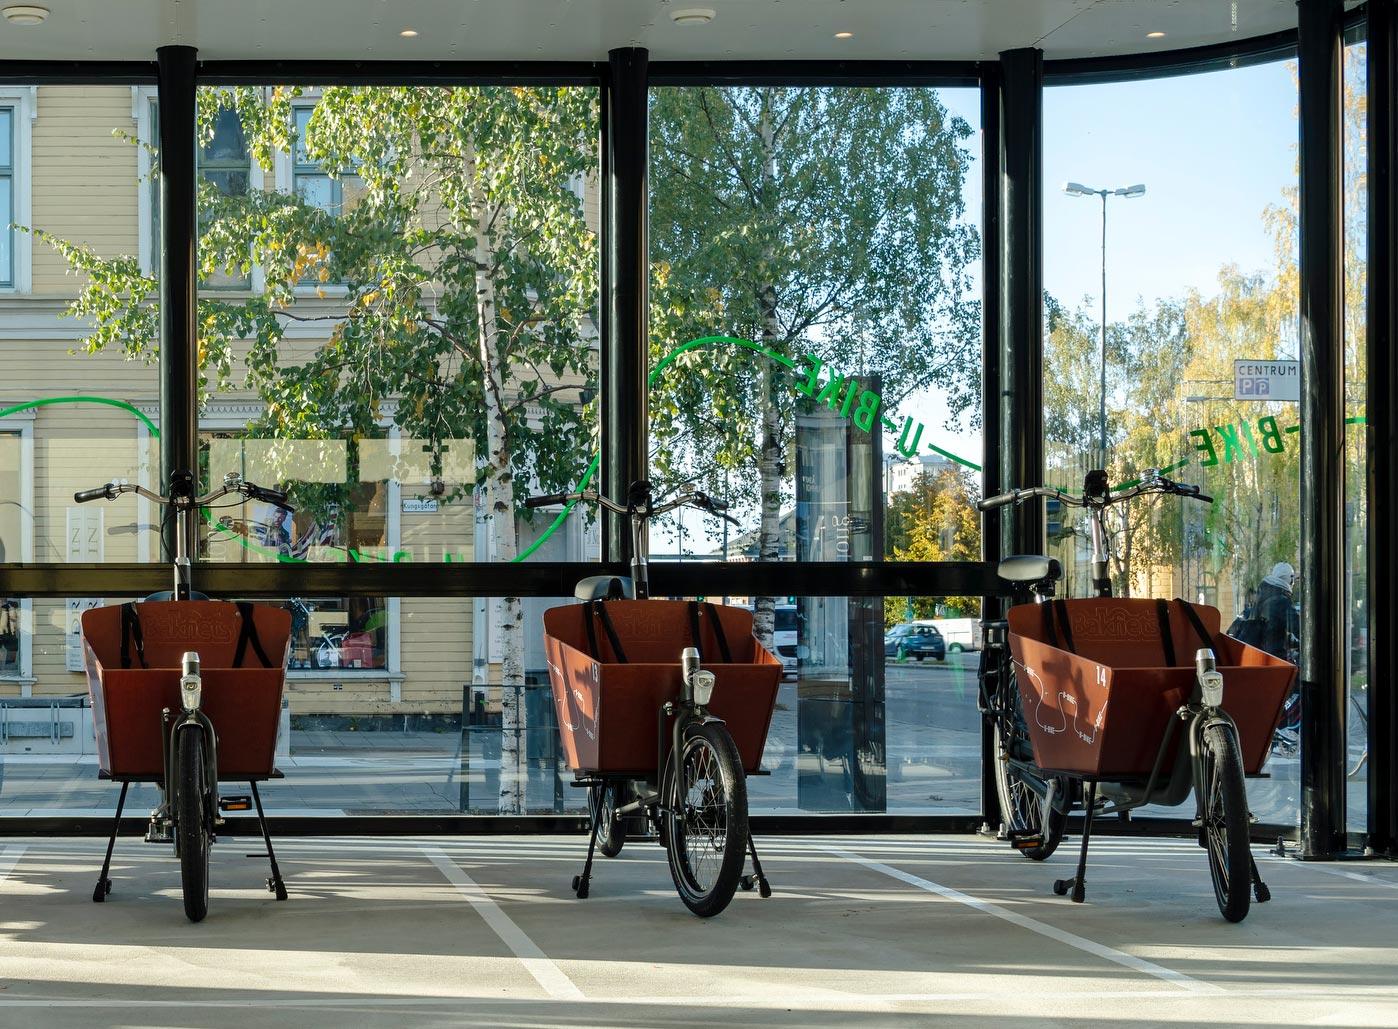 Cykelgarage FLOW med parkerade ellådcyklar